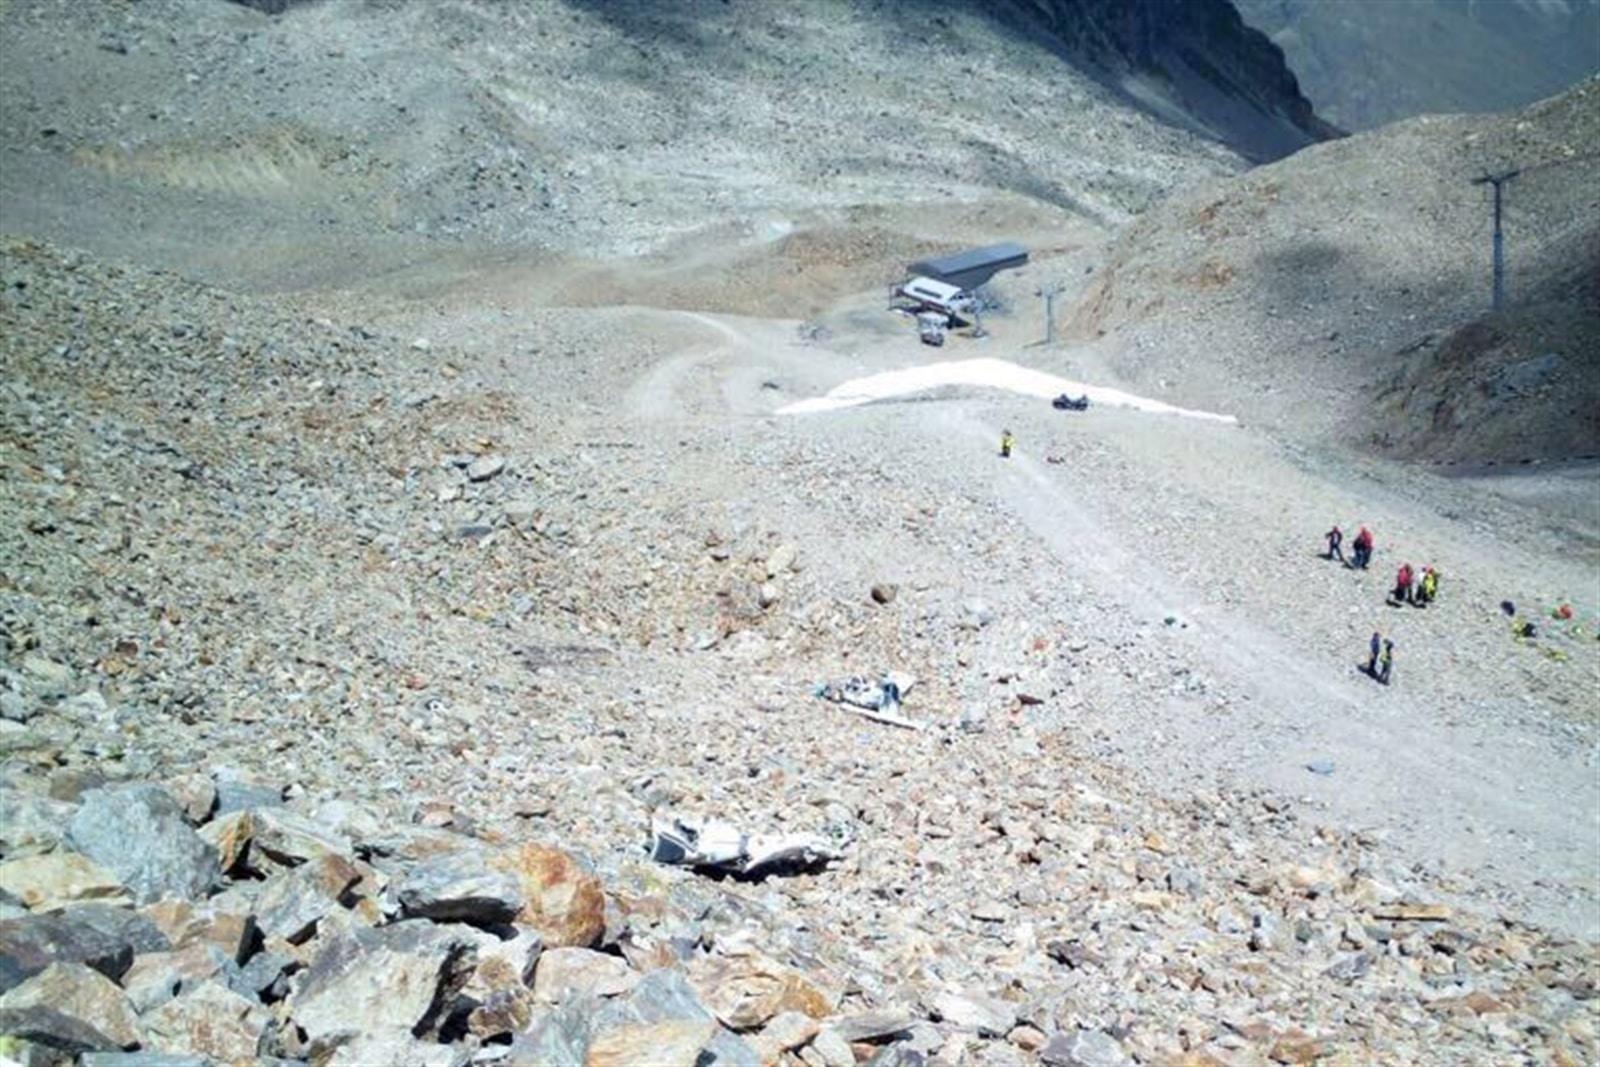 È precipitato un aereo da turismo in Svizzera